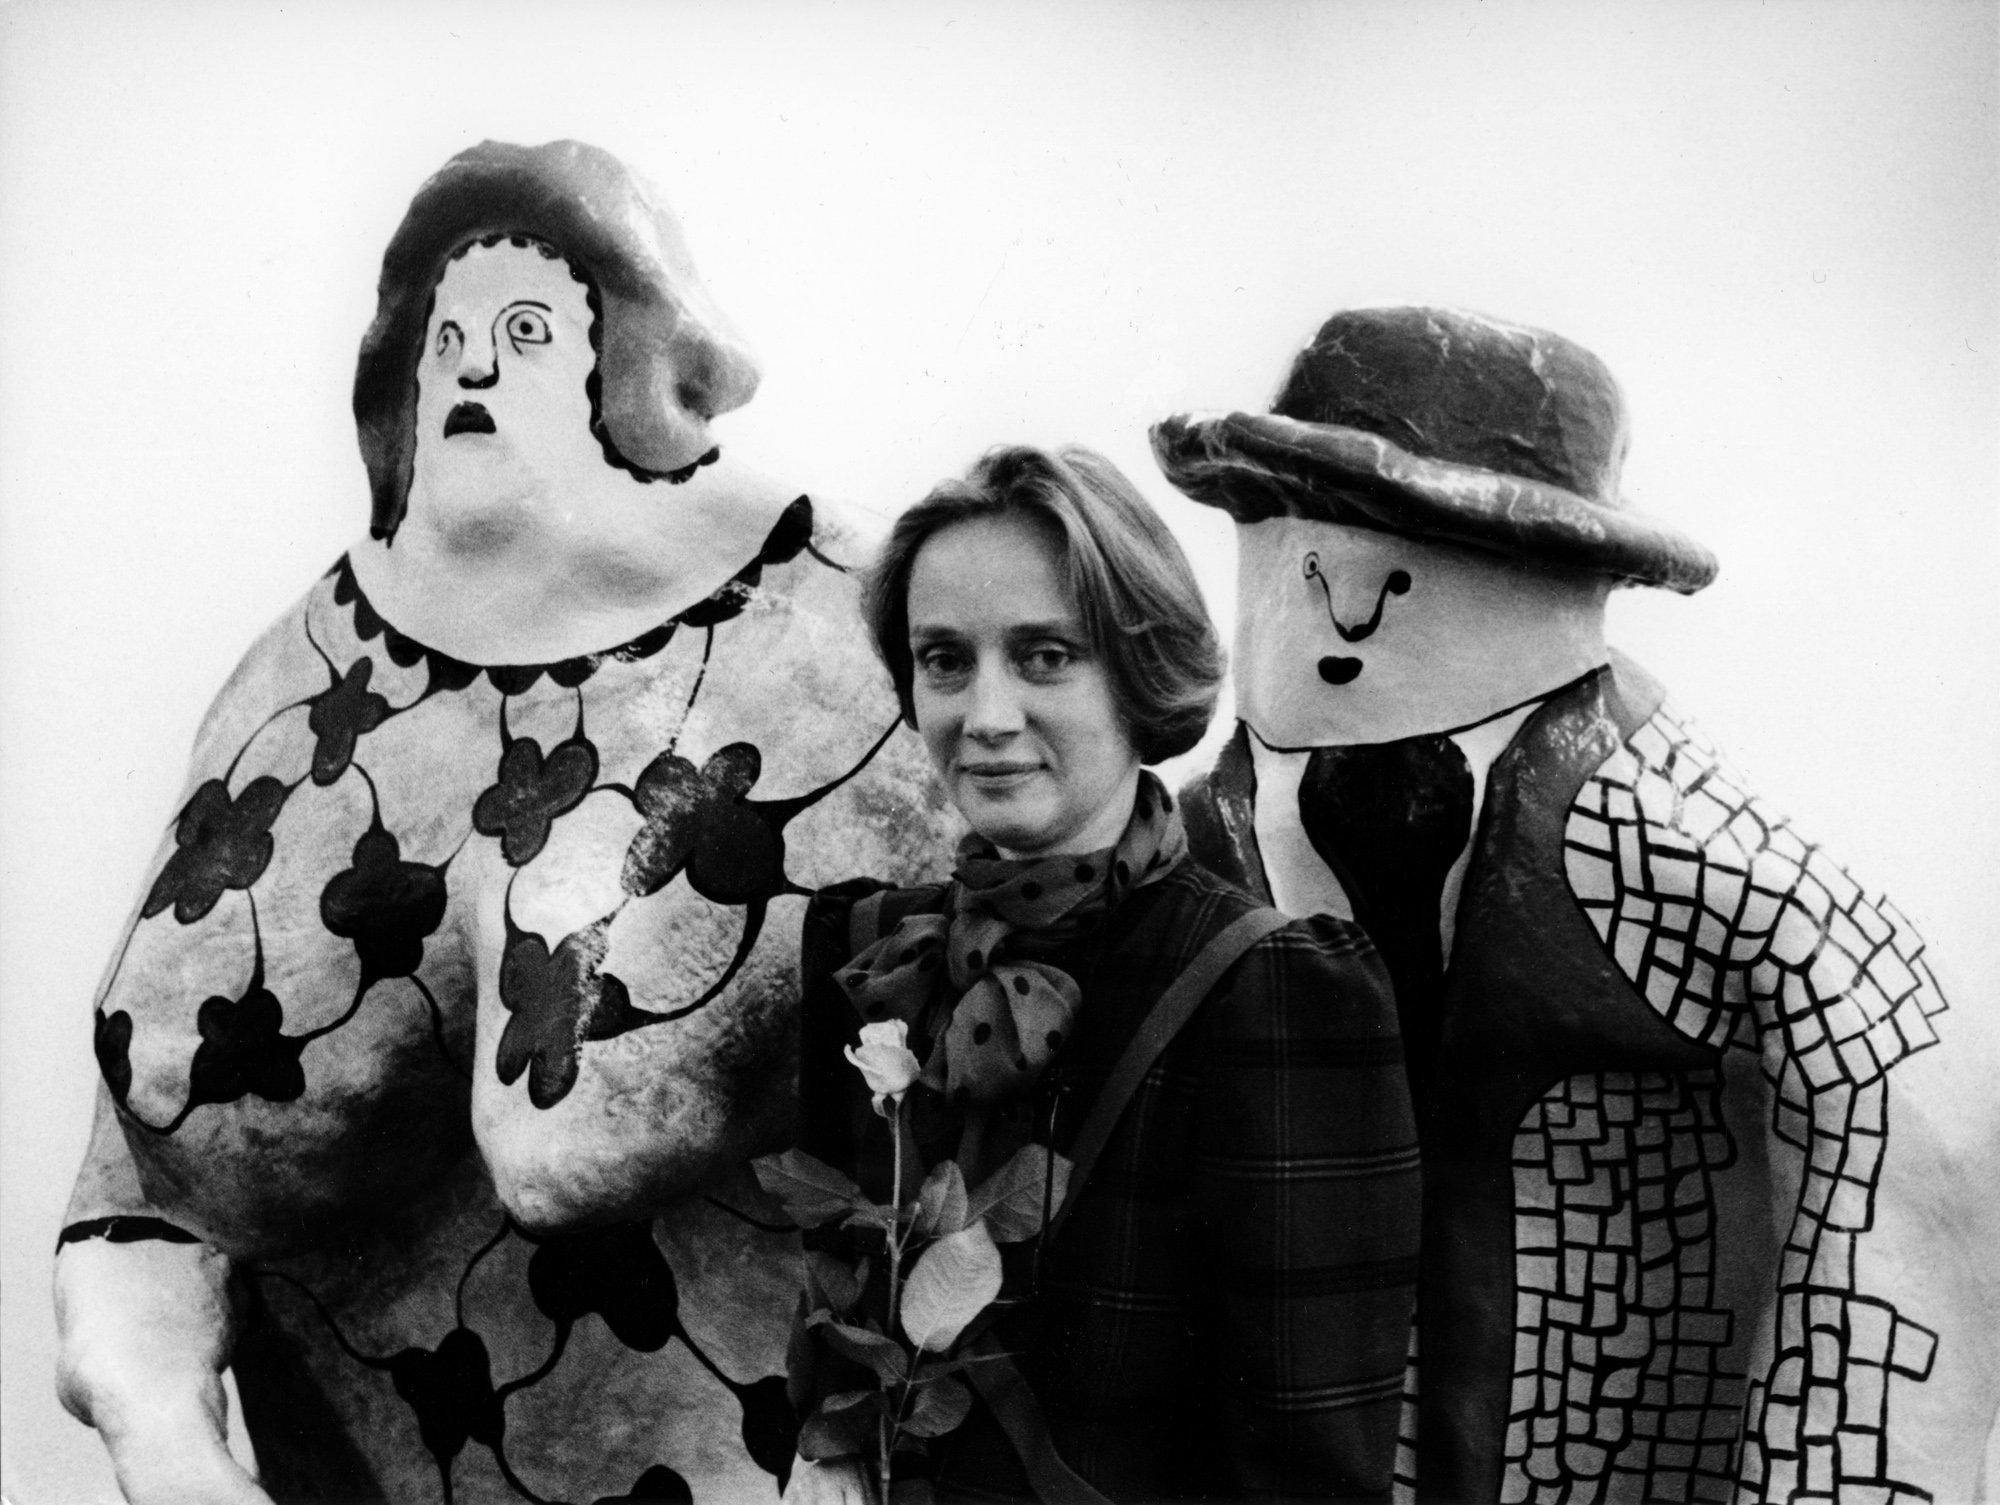 Les Nanas, Niki de Saint Phalle, mai 1985 lors de l'exposition à la Galerie Littmann. Photo : Kurt Wyss ©